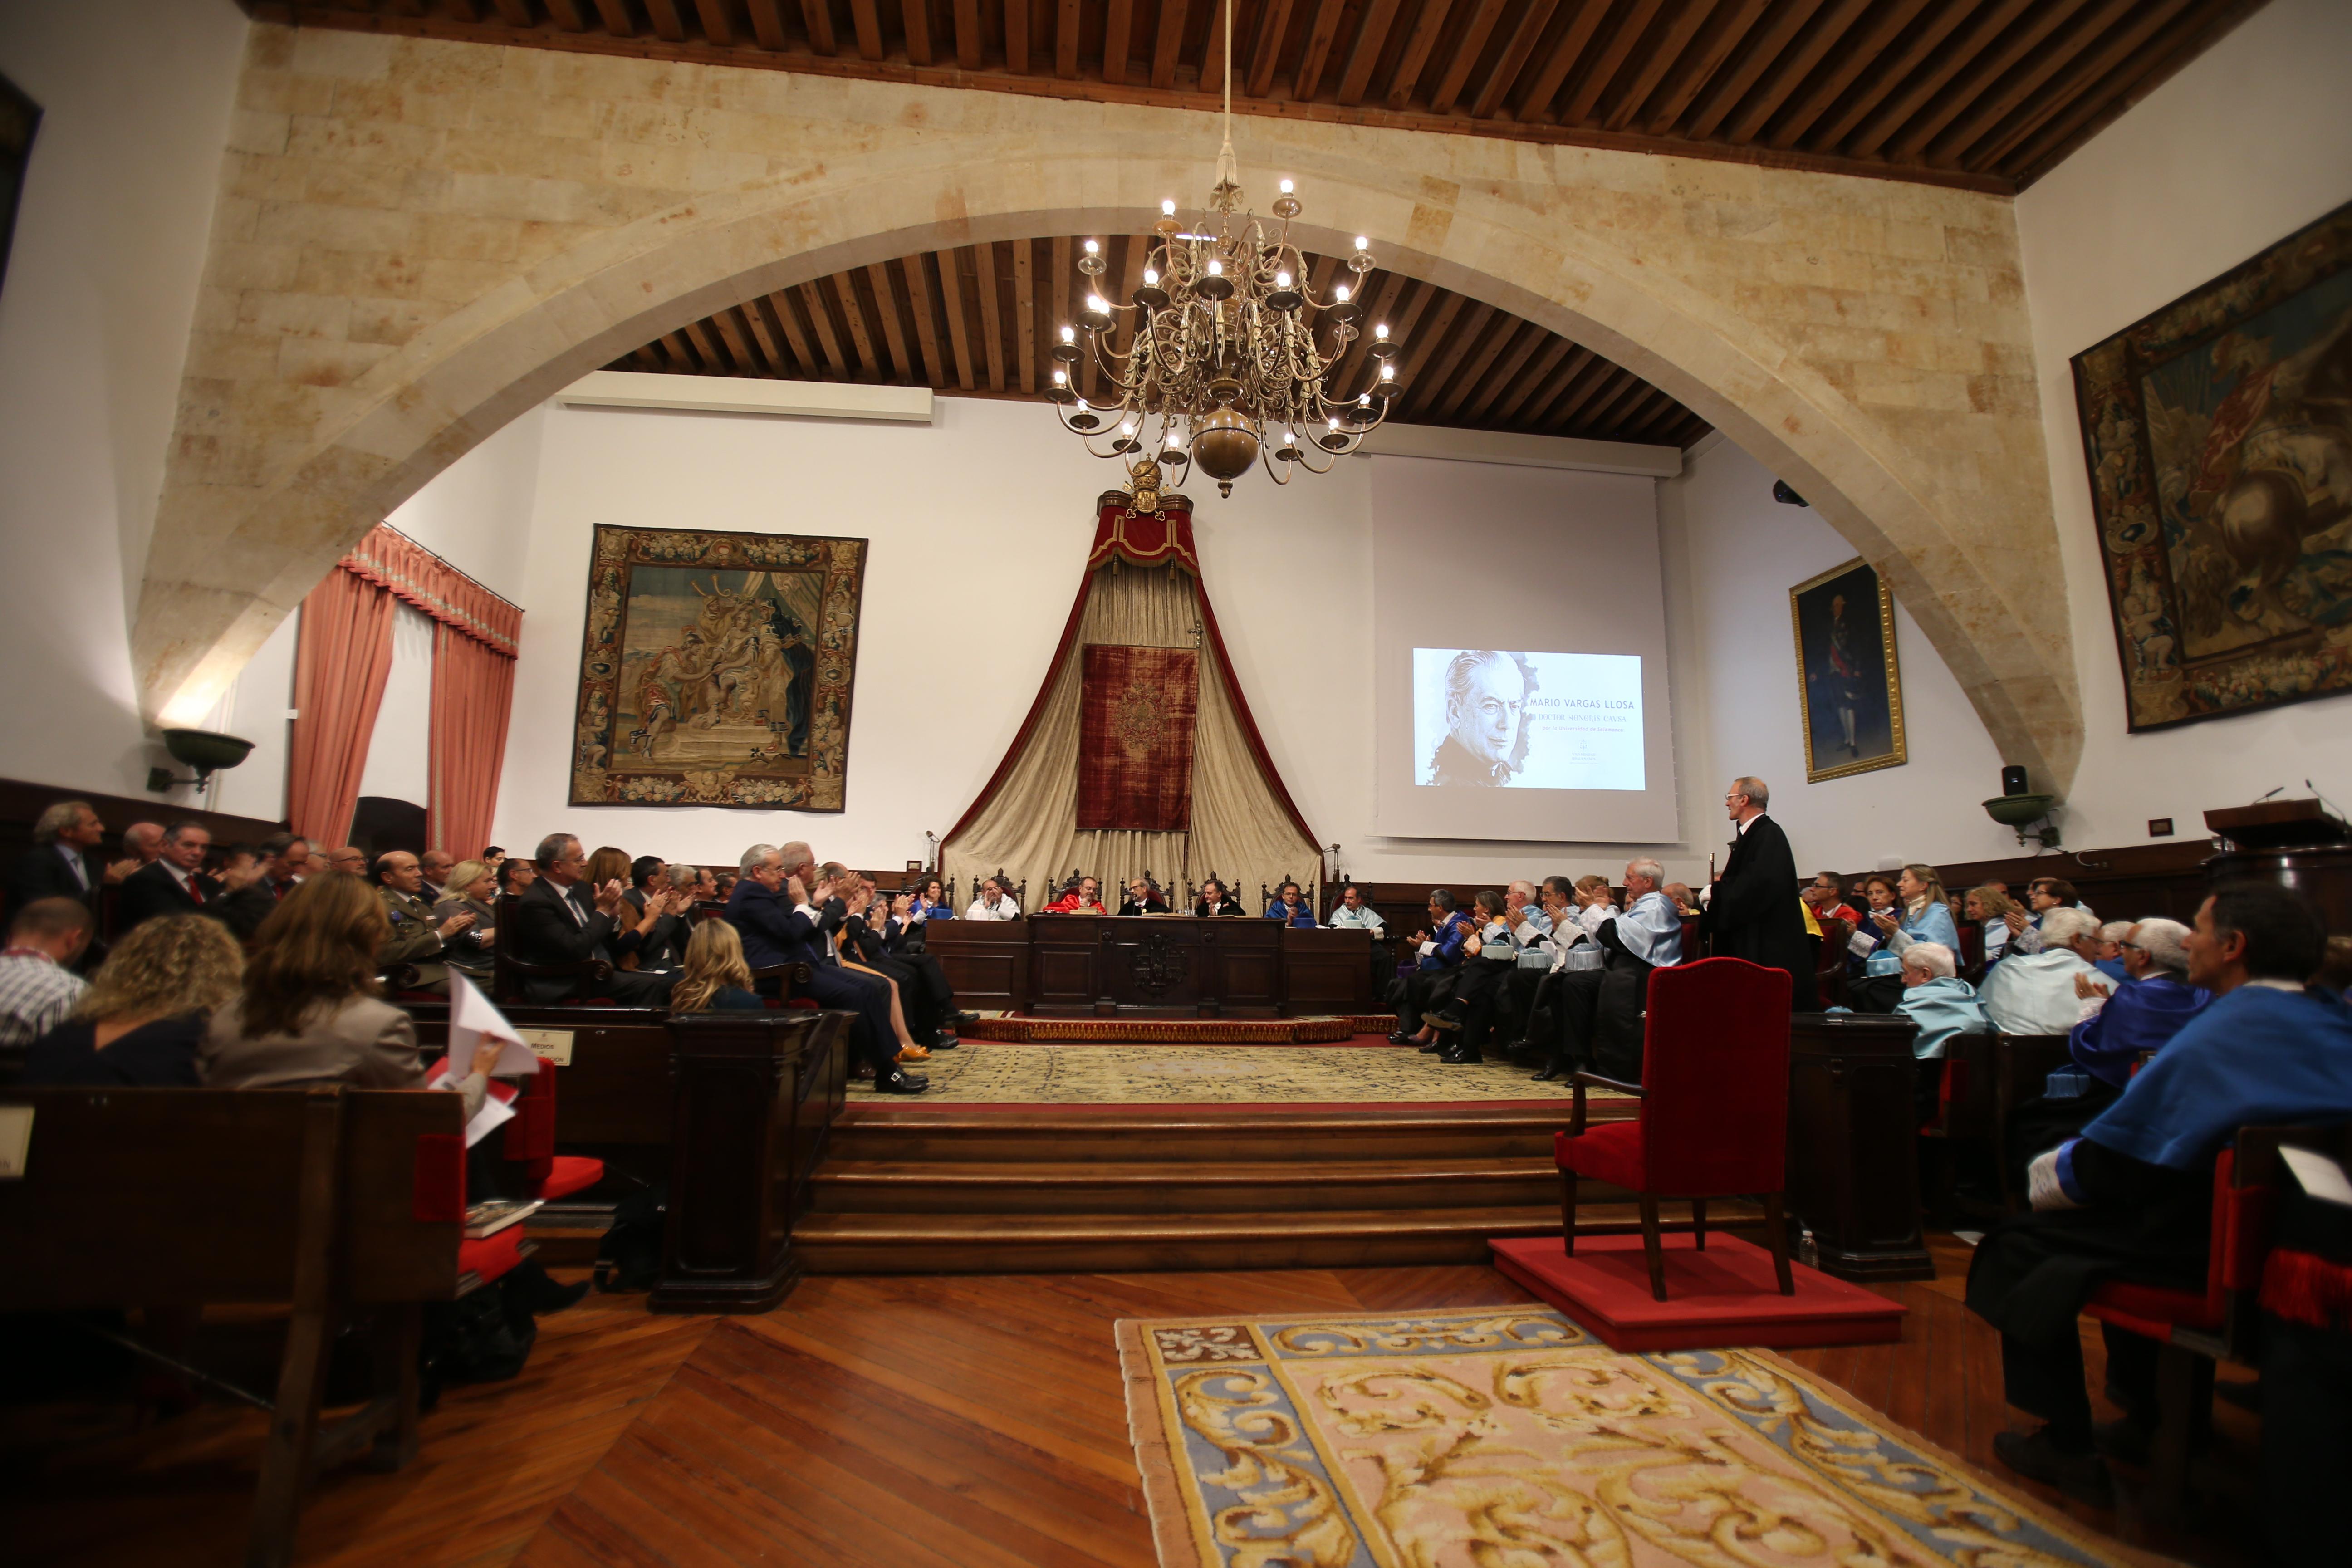 Vargas Llosa realiza una encendida defensa de la literatura en su discurso de investidura como doctor honoris causa por la Universidad de Salamanca